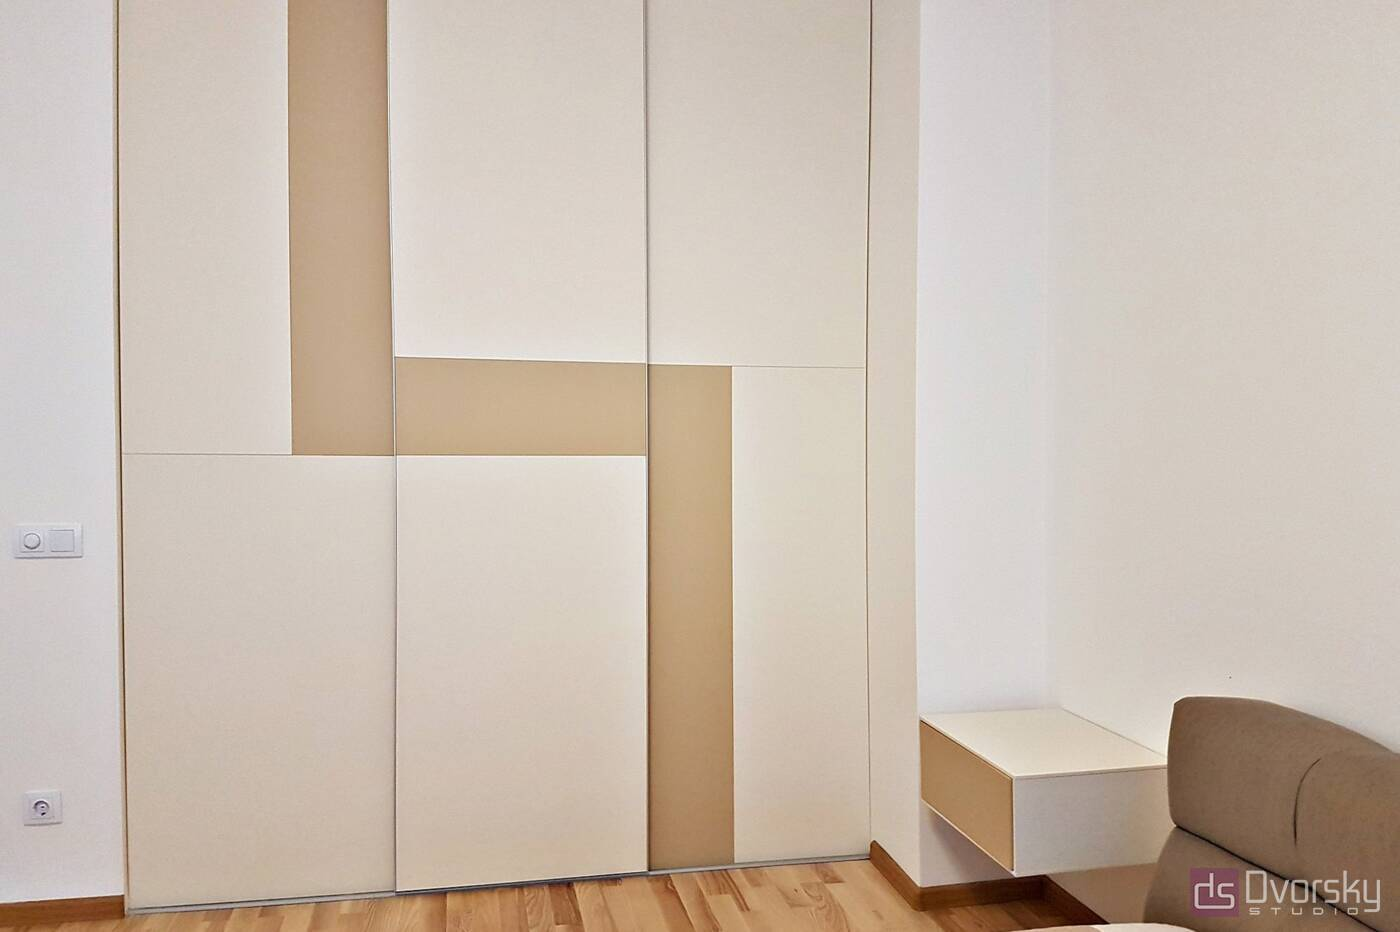 Спальни Геометрический шкаф для спальни - Фото № 1